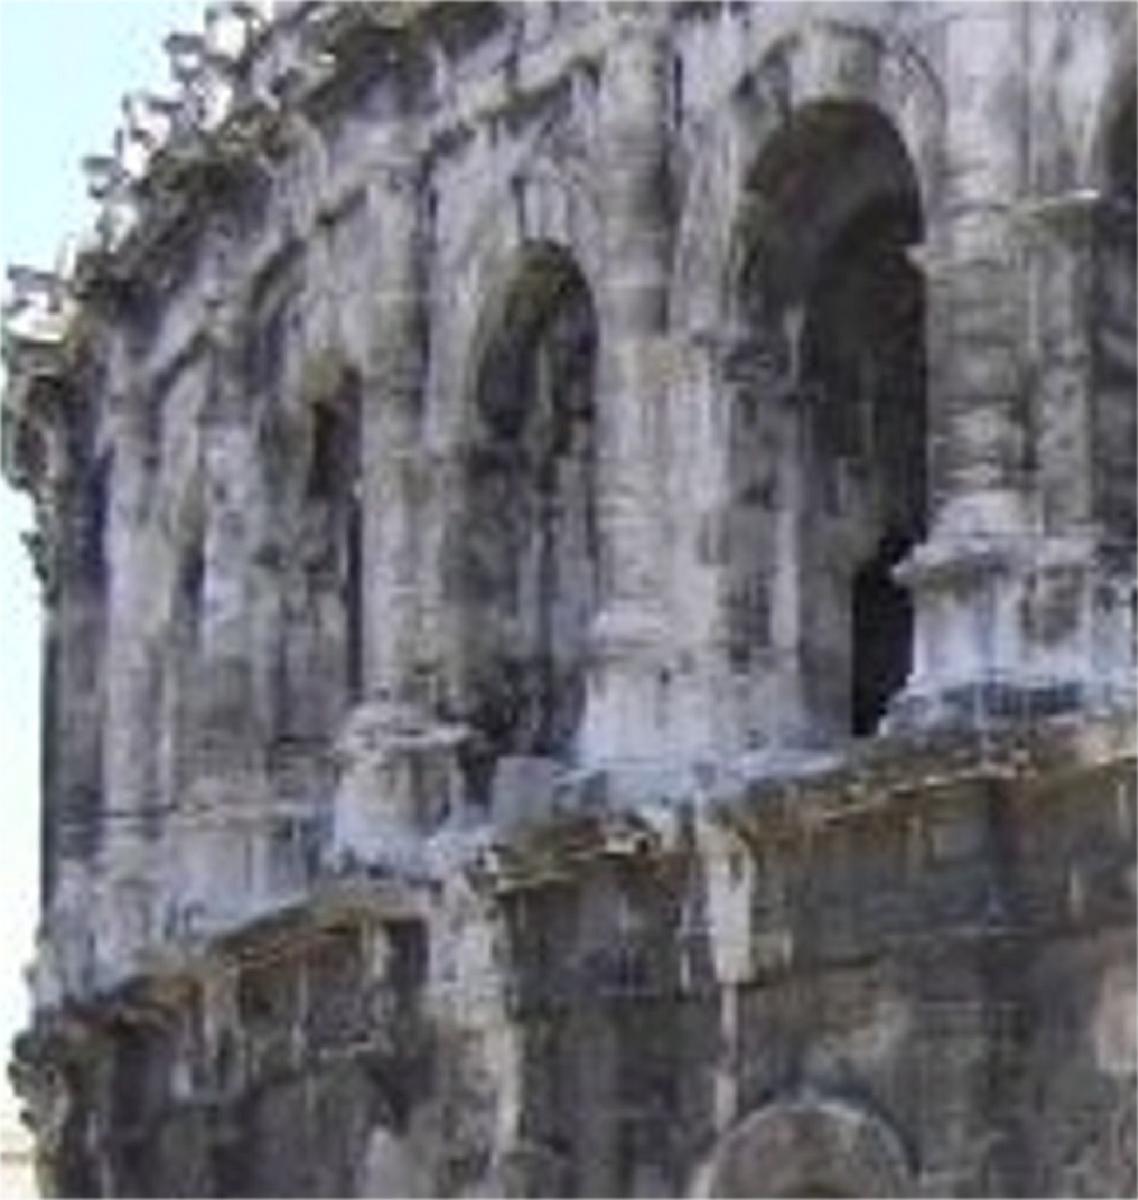 Monuments et lieux connus 2 le blog de kickoff for Les monuments les plus connus